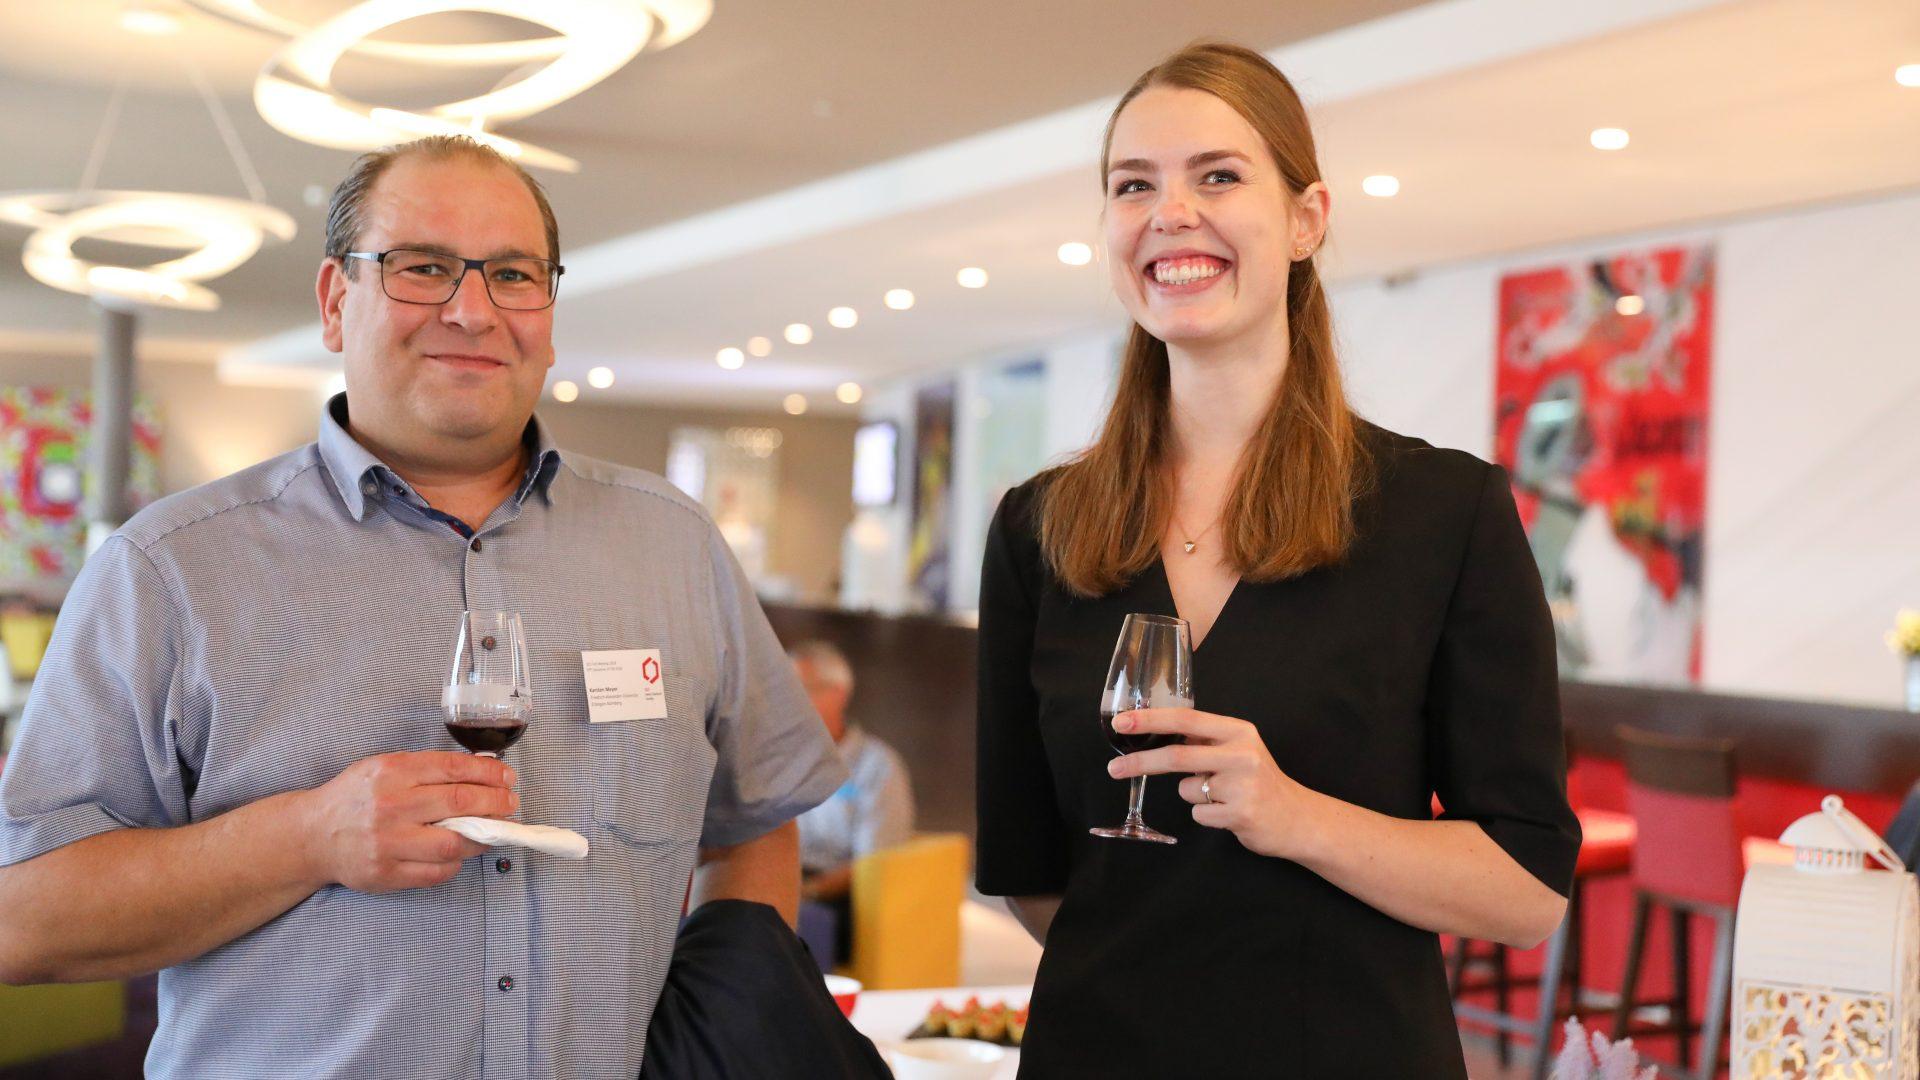 Deux personnes durant un apéritif SCS Fall Meeting 2018, tenant un verre